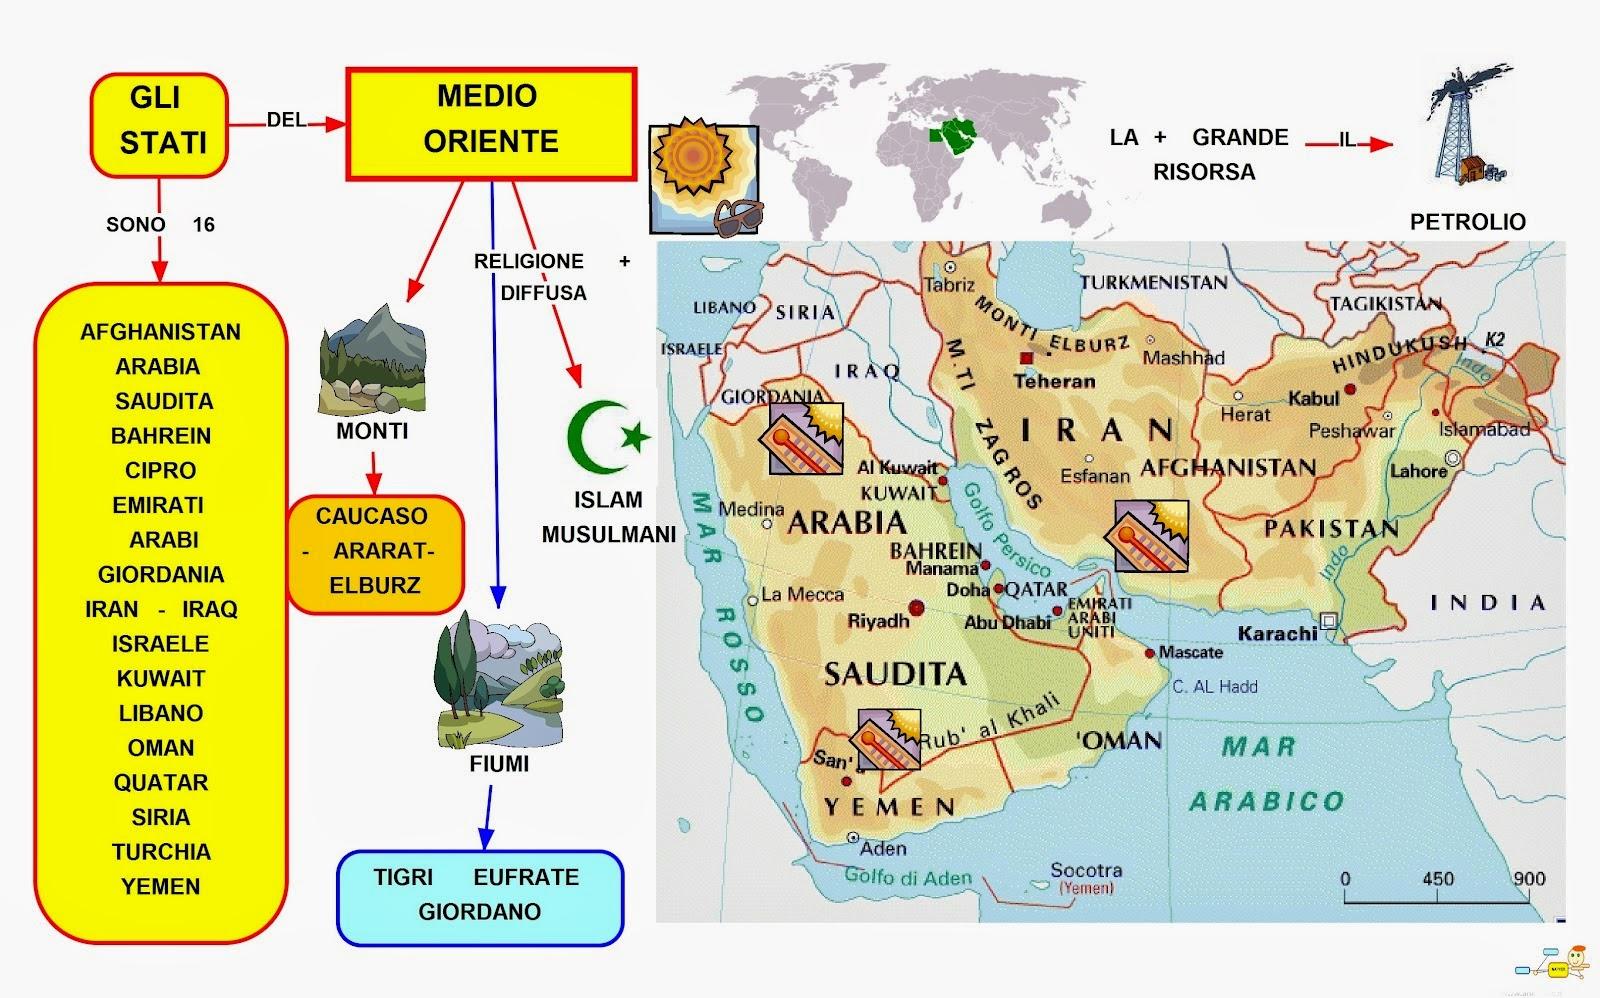 Cartina Oriente.Mappa Concettuale Medio Oriente Scuolissima Com